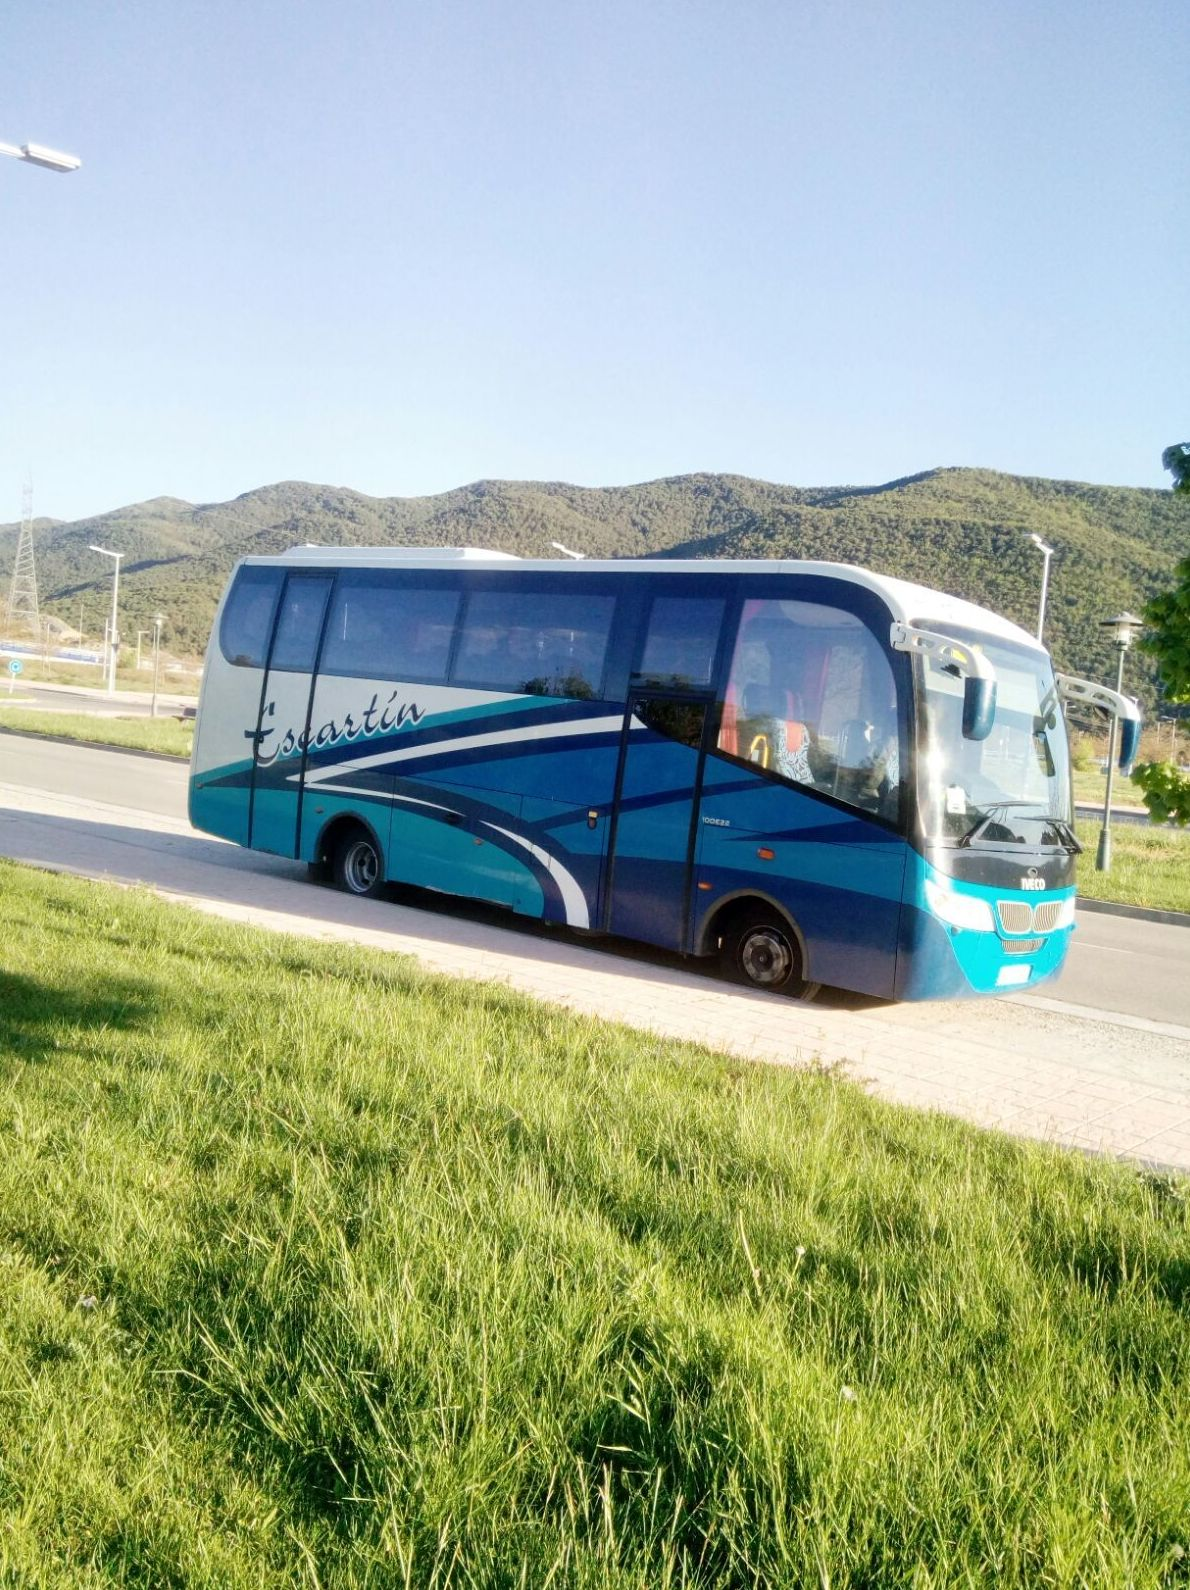 Foto 6 de Empresa de autocares en Jaca | Autocares Escartín, SL